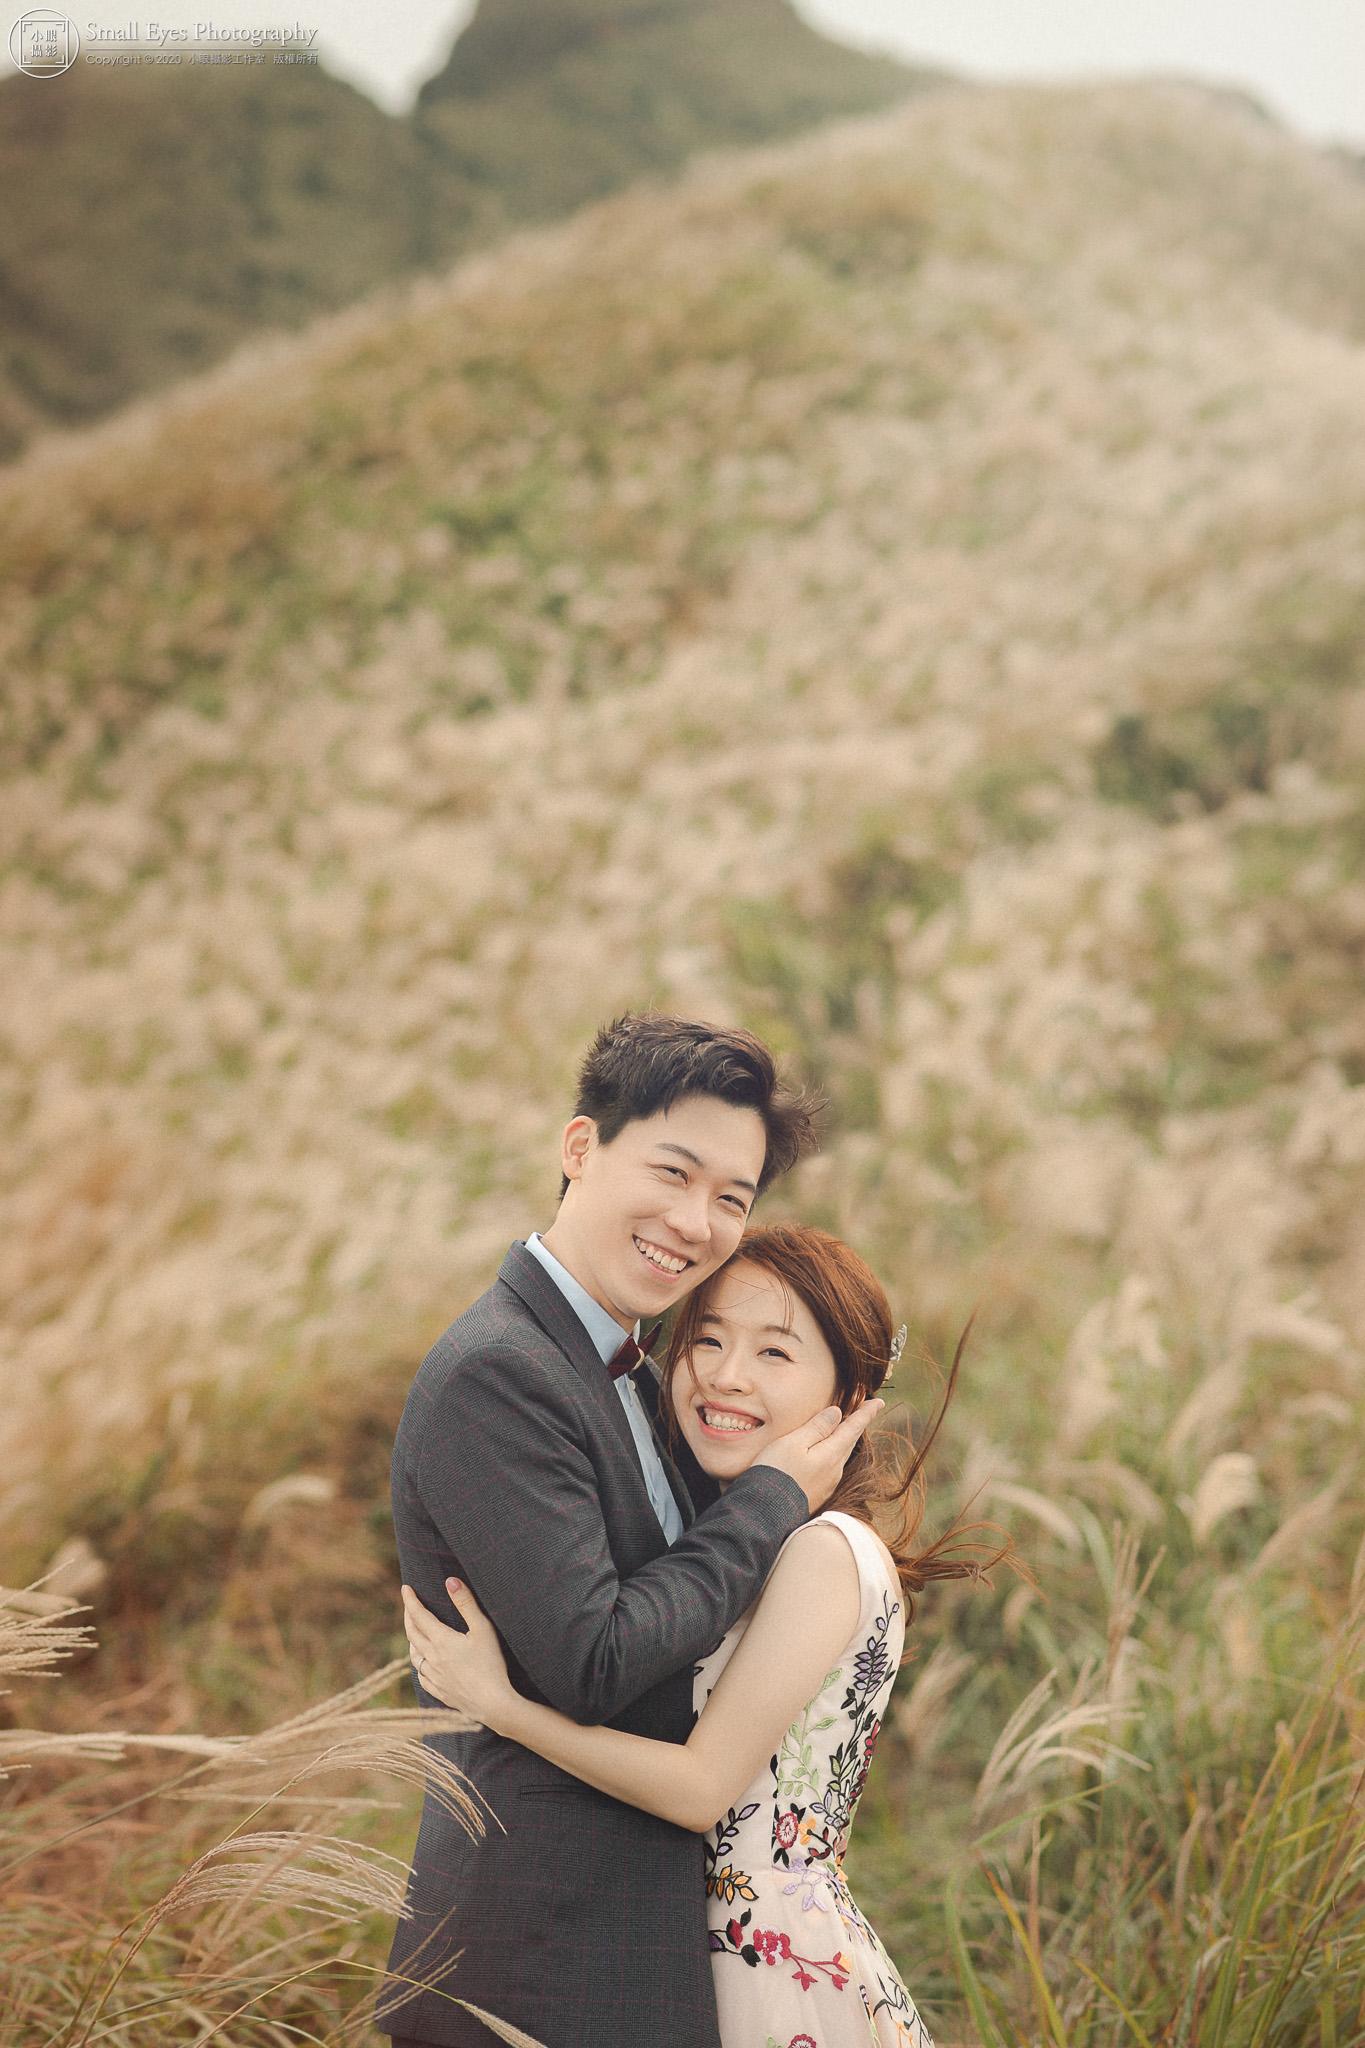 小眼攝影,自助婚紗,婚攝,婚紗攝影,新秘瓜瓜,吉兒婚紗,台灣,北部,北海岸,芒草,芒花